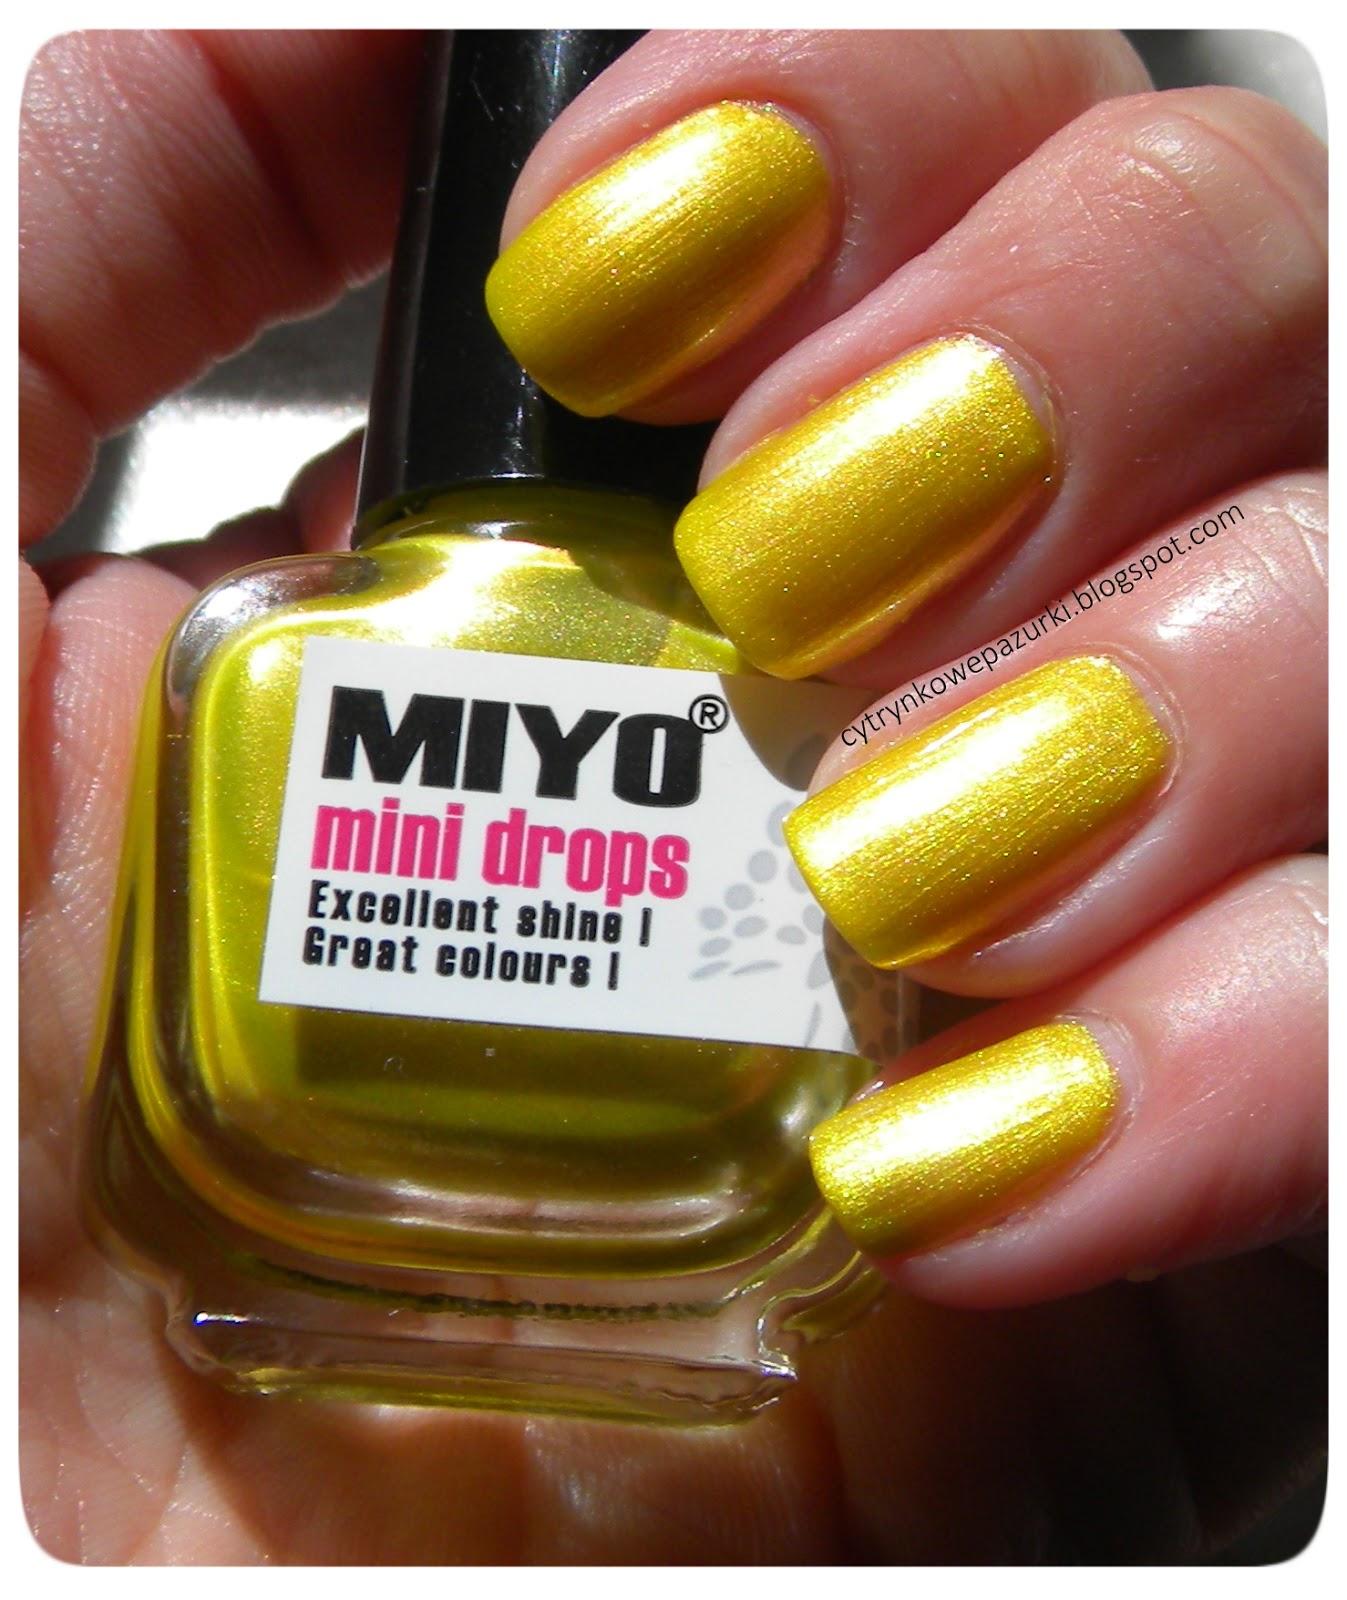 Poniedziałki z Miyo Mini Drops 158 Holiday Sunrise